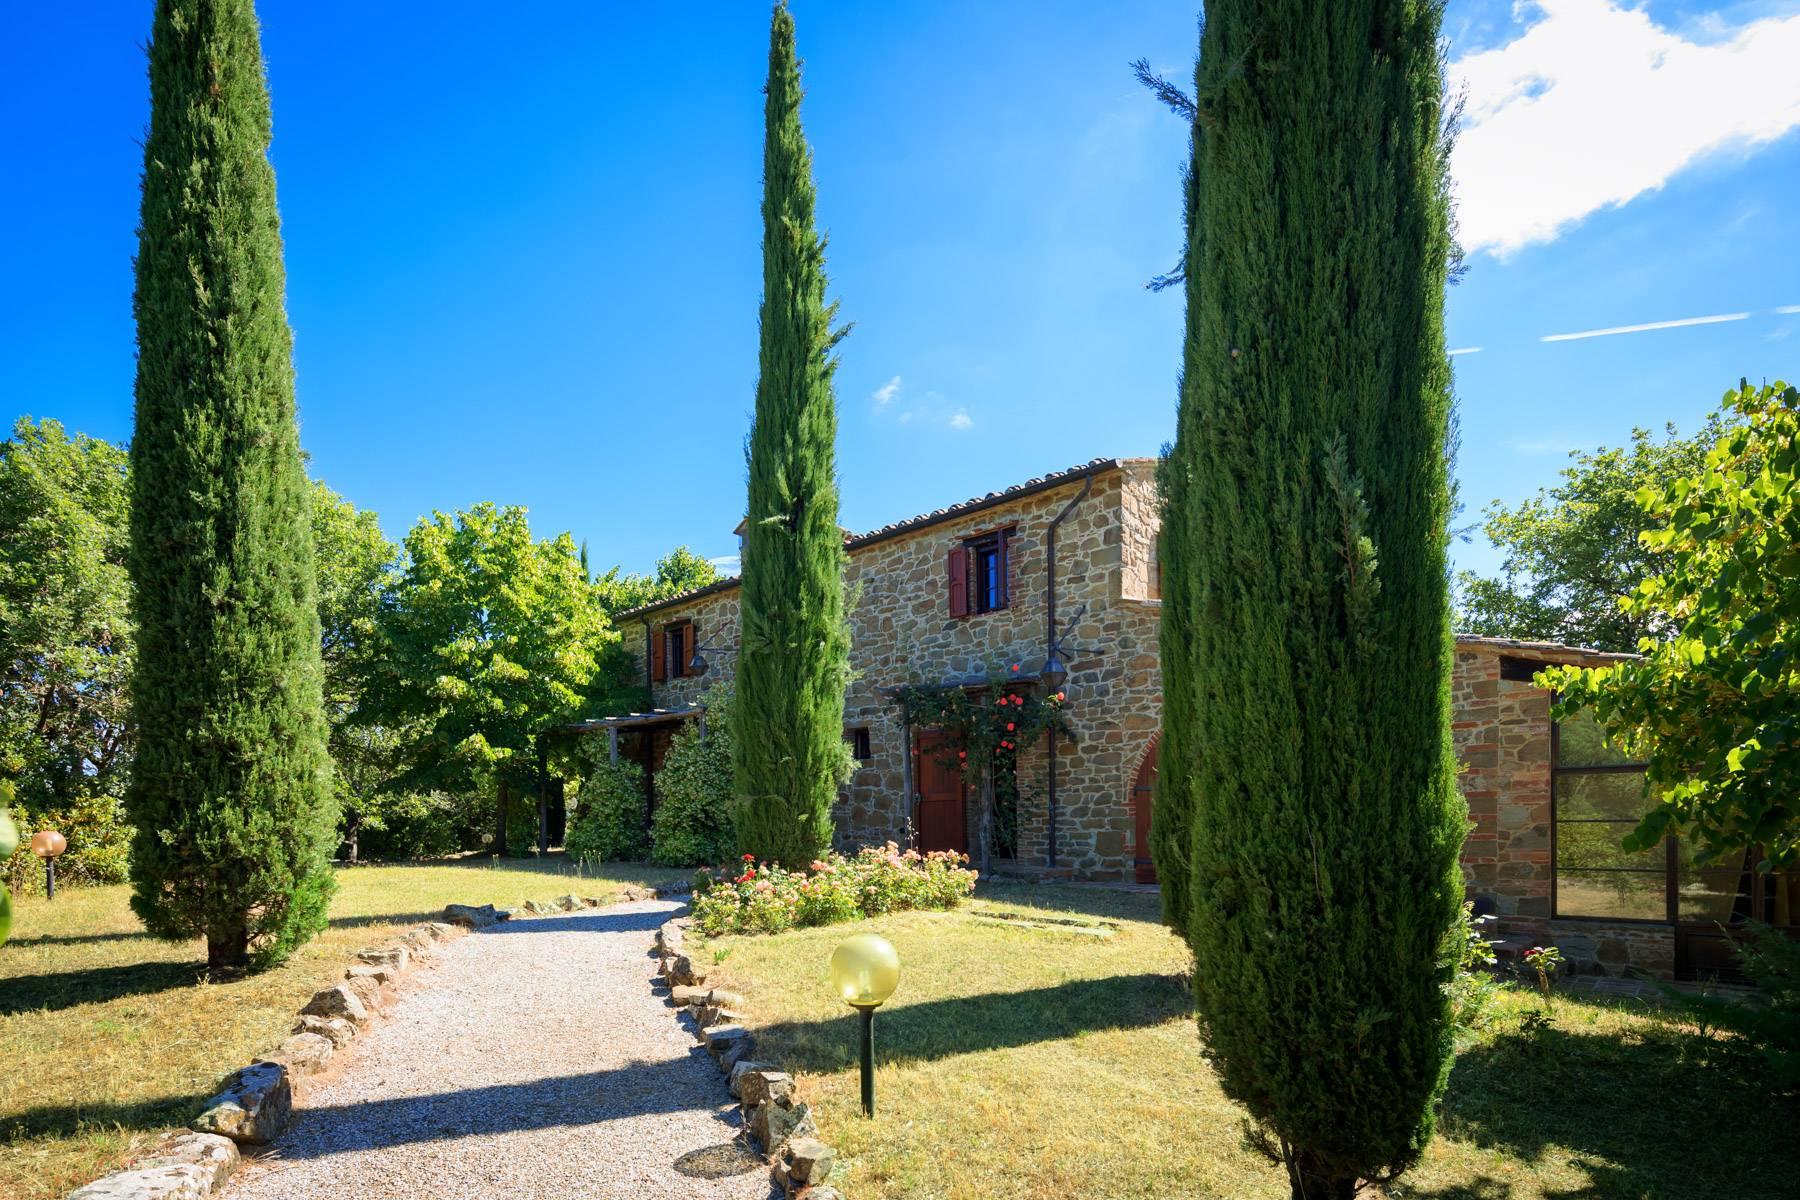 Rustico in Vendita a Monte San Savino: 5 locali, 307 mq - Foto 26